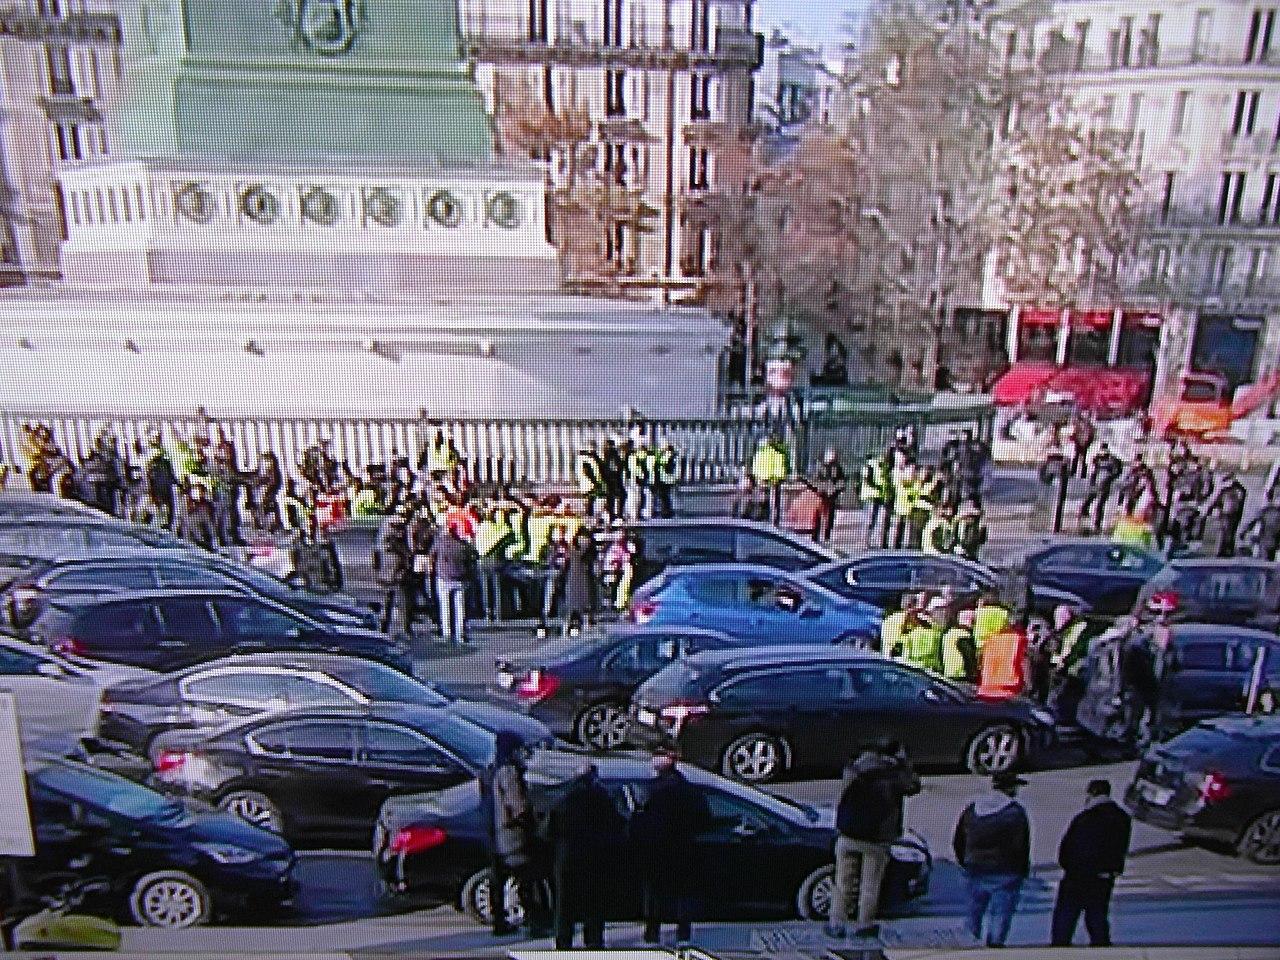 Manifestation de gilets jaunes place de la Bastille (Paris) en 2018.jpg